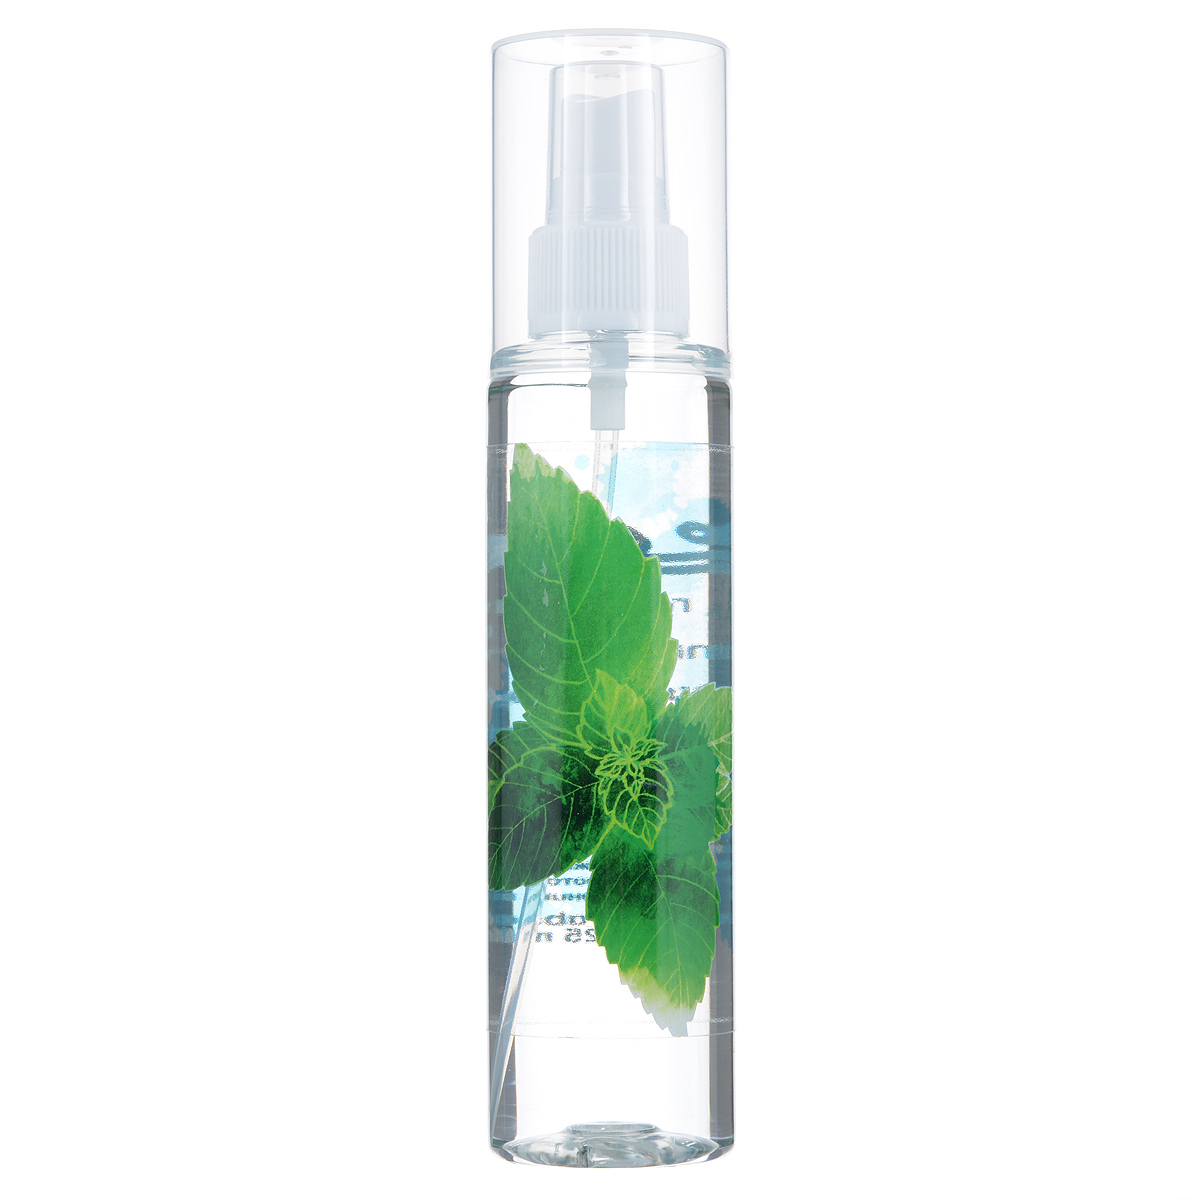 Зейтун Гидролат Мята, 125 млZ3813Гидролат мяты хорошо распылять на лицо и область декольте — он бодрит, освежает, улучшает цвет и общий тонус кожи, подтягивает её. Также может снять отёчность и раздражение, облегчить аллергическую реакцию. Мятная вода обладает удивительным освежающим эффектом не только для кожи, но и для ума — помогает сконцентрироваться, в то же время успокаивая нервы. В сочетании с гидролатом розмарина, отличная — и более полезная — замена кофе. Помогает легче переносить жару.Мятную воду вы можете использовать разными способами: • в качестве тоника для кожи лица и тела, • добавлять в воду, когда принимаете ванну, • применять как ополаскиватель после мытья волос, • можно распылять в течение дня на волосы: гидролат легко ложится, не склеивает их, слабо фиксируя причёску и придавая волосам нежный аромат, • наносить перед применением крема или косметического масла, ради подготовки кожи и усиления воздействия средства, • использовать для тонизации кожи после скраба или пилинга, • разводить сухие глиняные маски, улучшая их эффект и придавая коже травяной запах.Мятная вода полностью натуральна, поэтому чувствительна к свету, высоким температурам и микроорганизмам, и храниться она может не более 12 месяцев, причём мы настоятельно рекомендуем держать её в холодильнике. В случае аллергической реакции (жжение, покраснение) следует использовать менее концентрированный раствор (разбавить водой в пропорции 1:3-1:4).